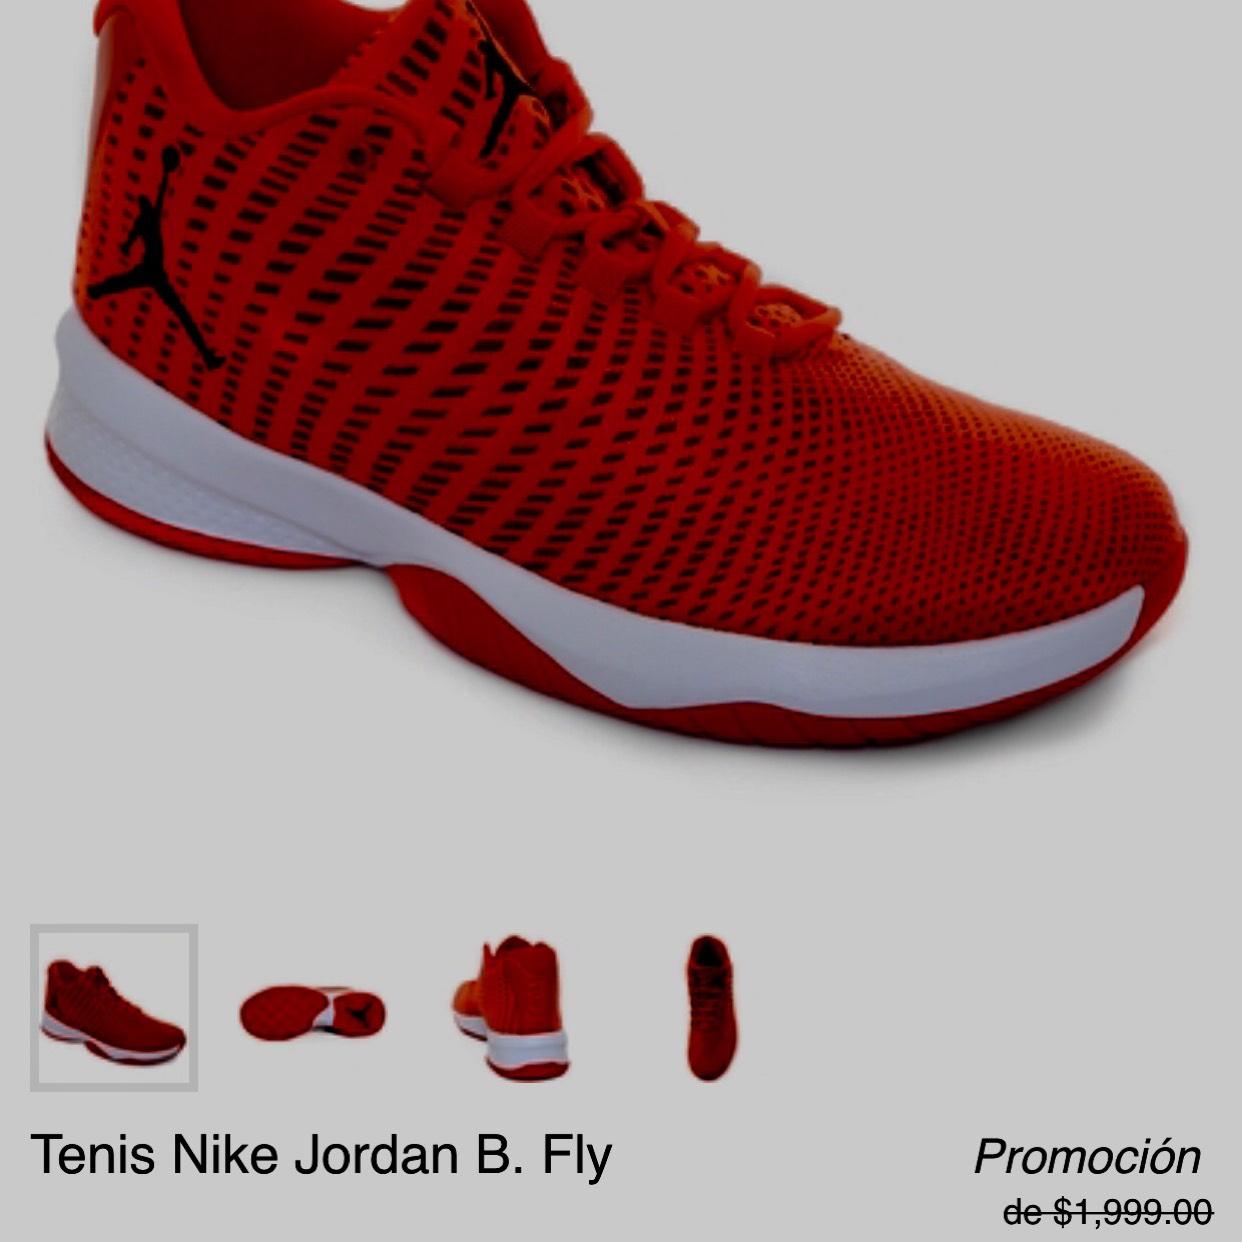 Netshoes NBA Tienda: Tenis Jordan con descuento, meses sin intereses y envío gratis